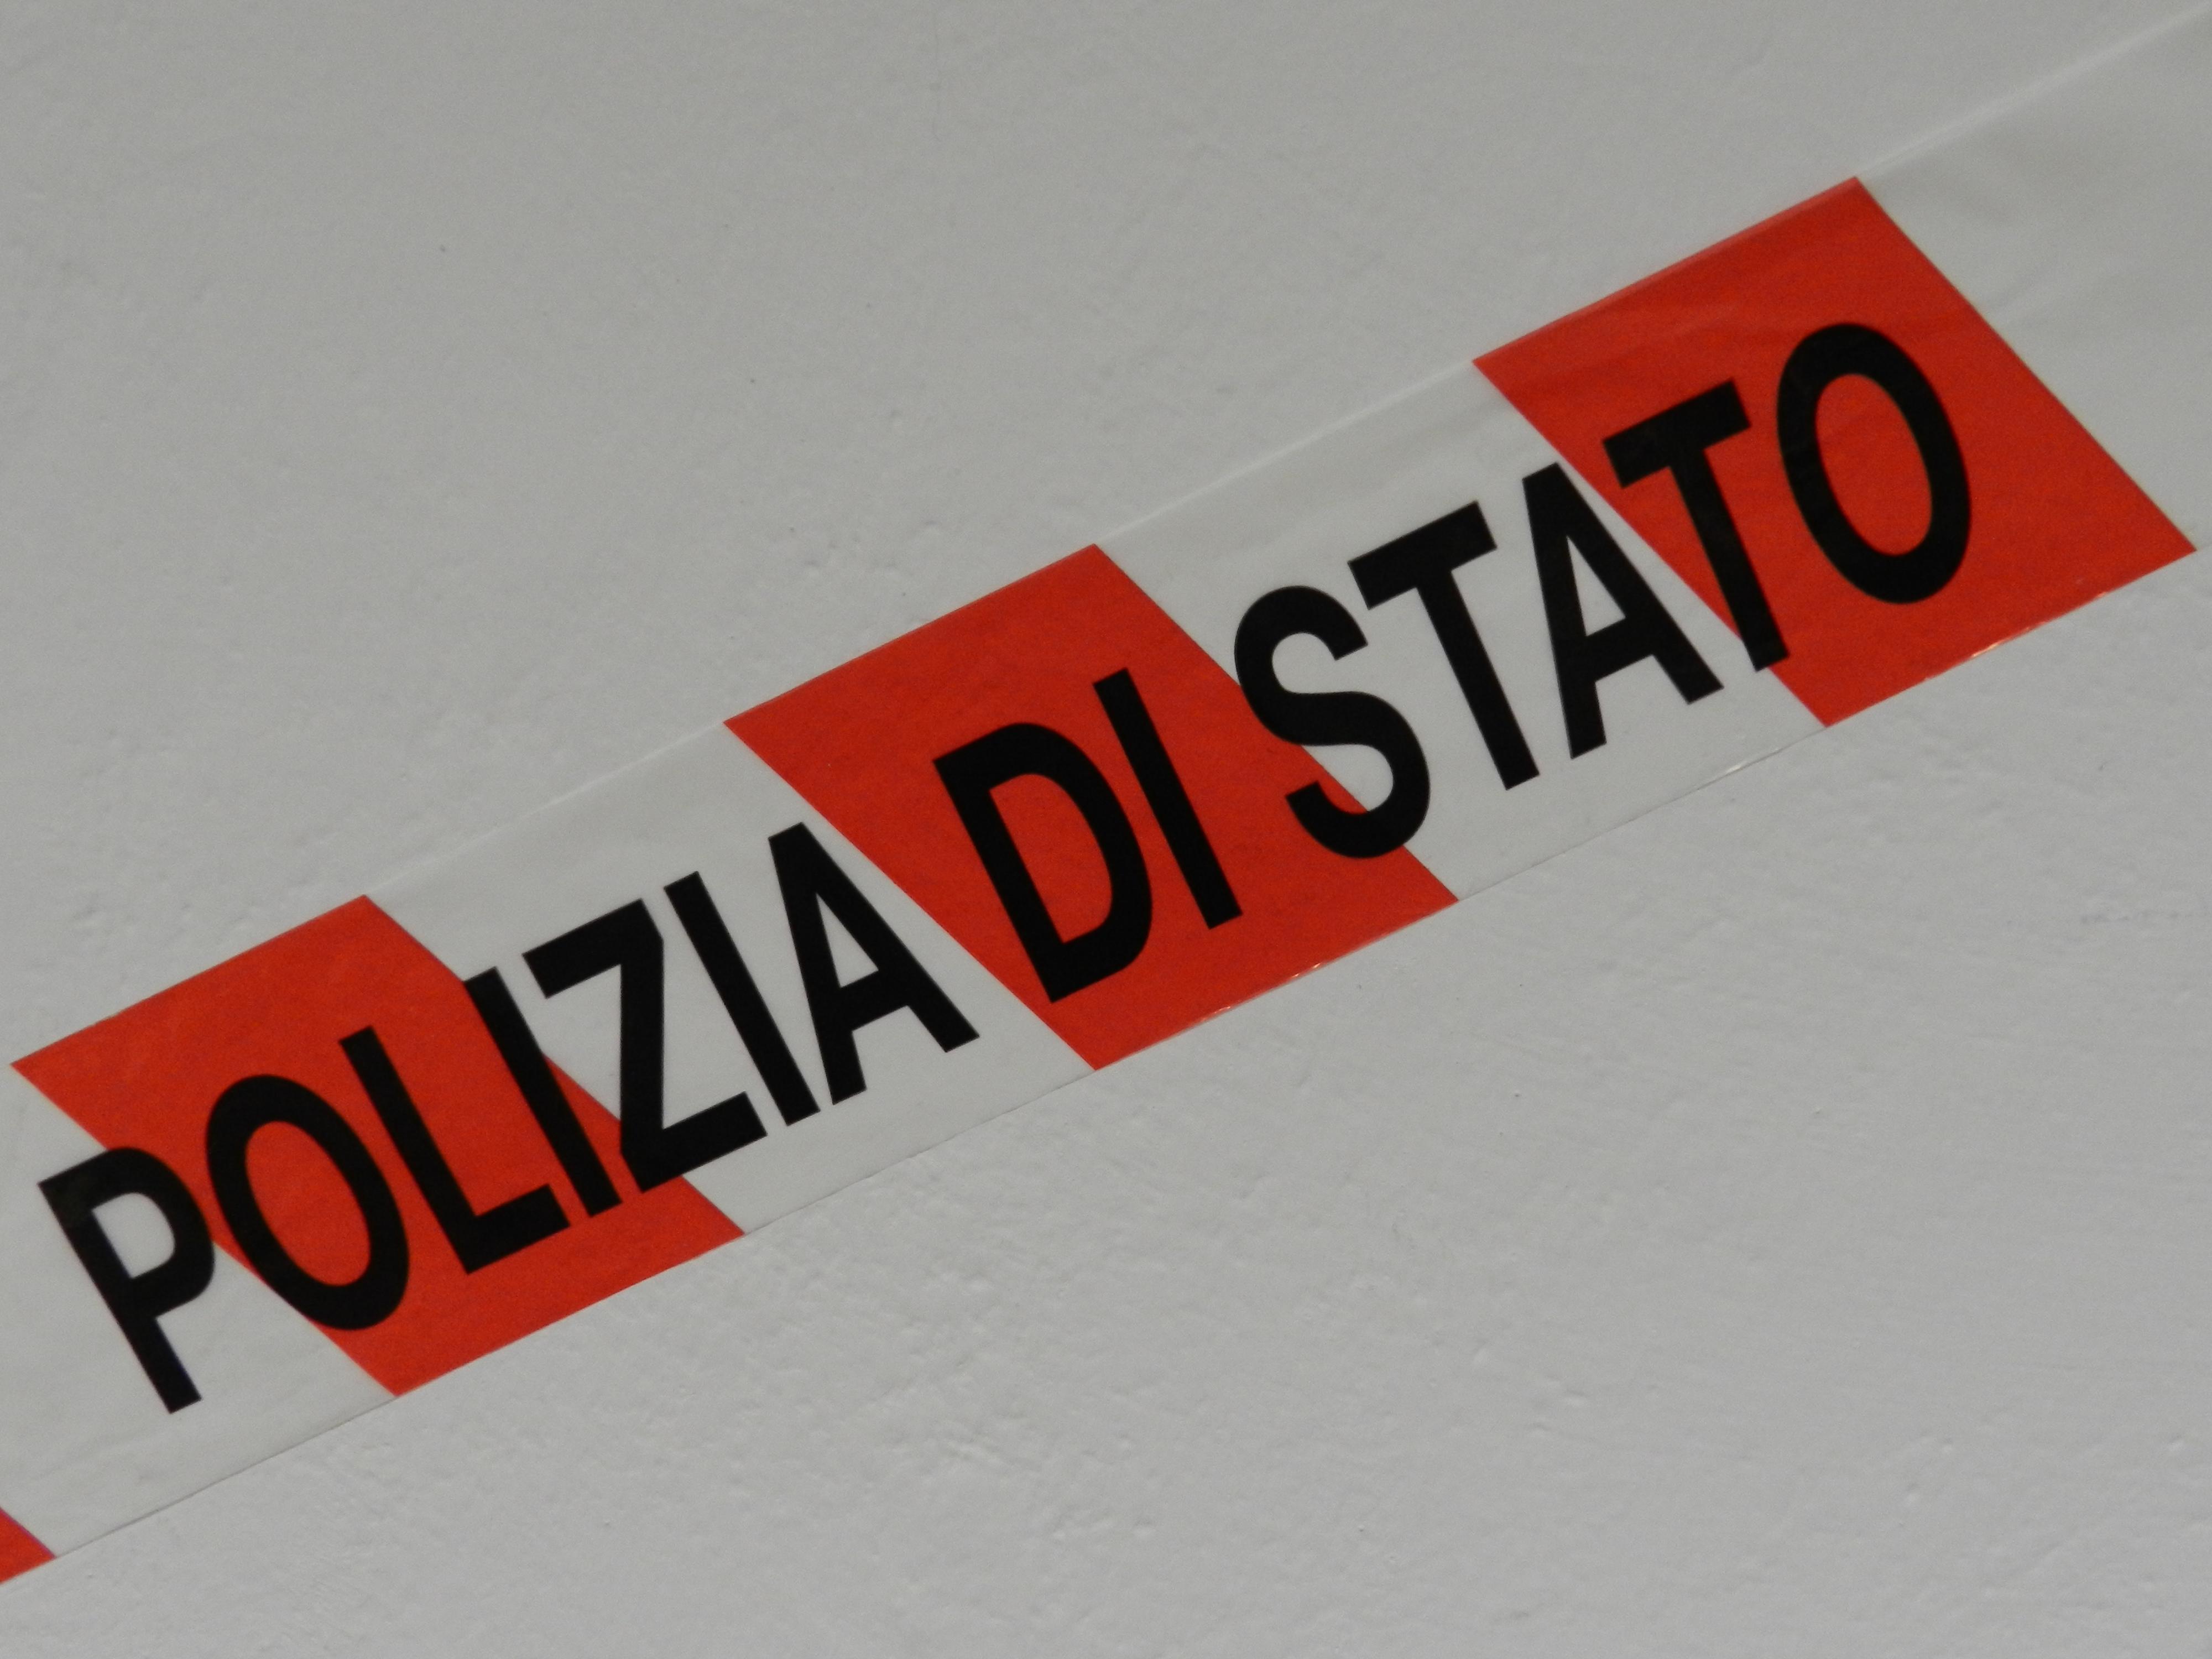 Polizia di stato questure sul web rovigo for Questure poliziadistato it stranieri